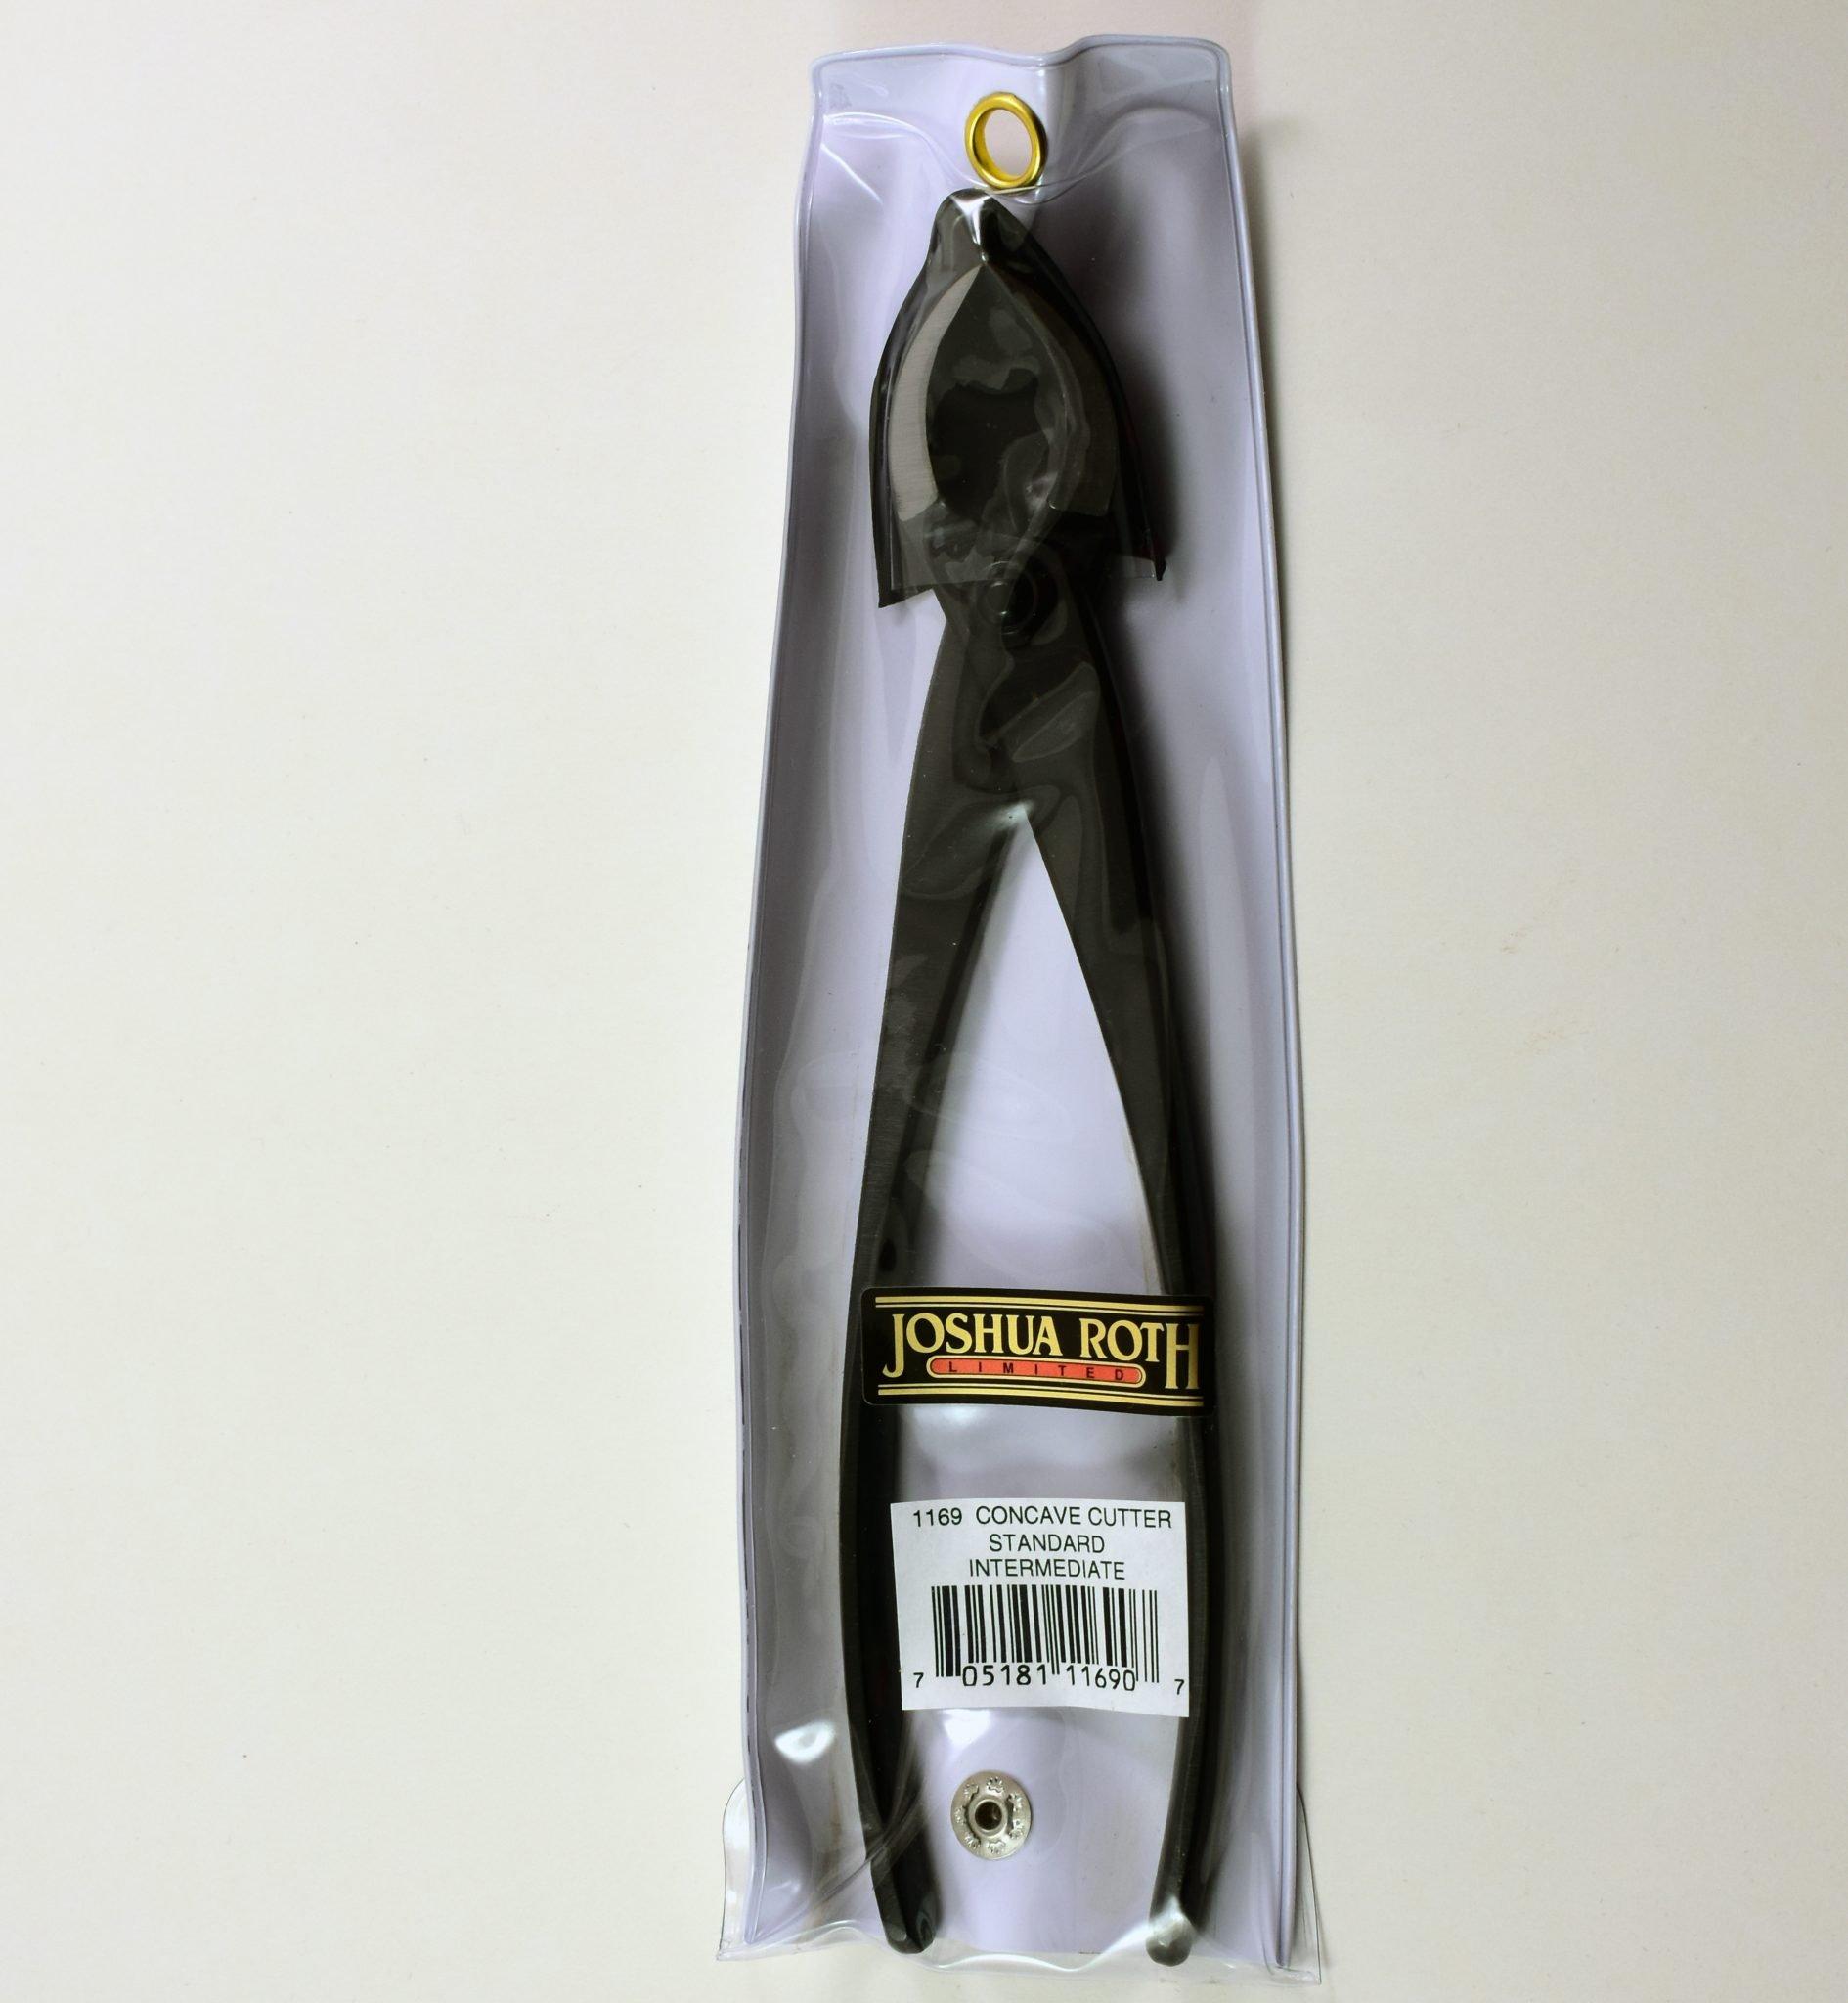 Joshua Roth Bonsai Concave Cutters